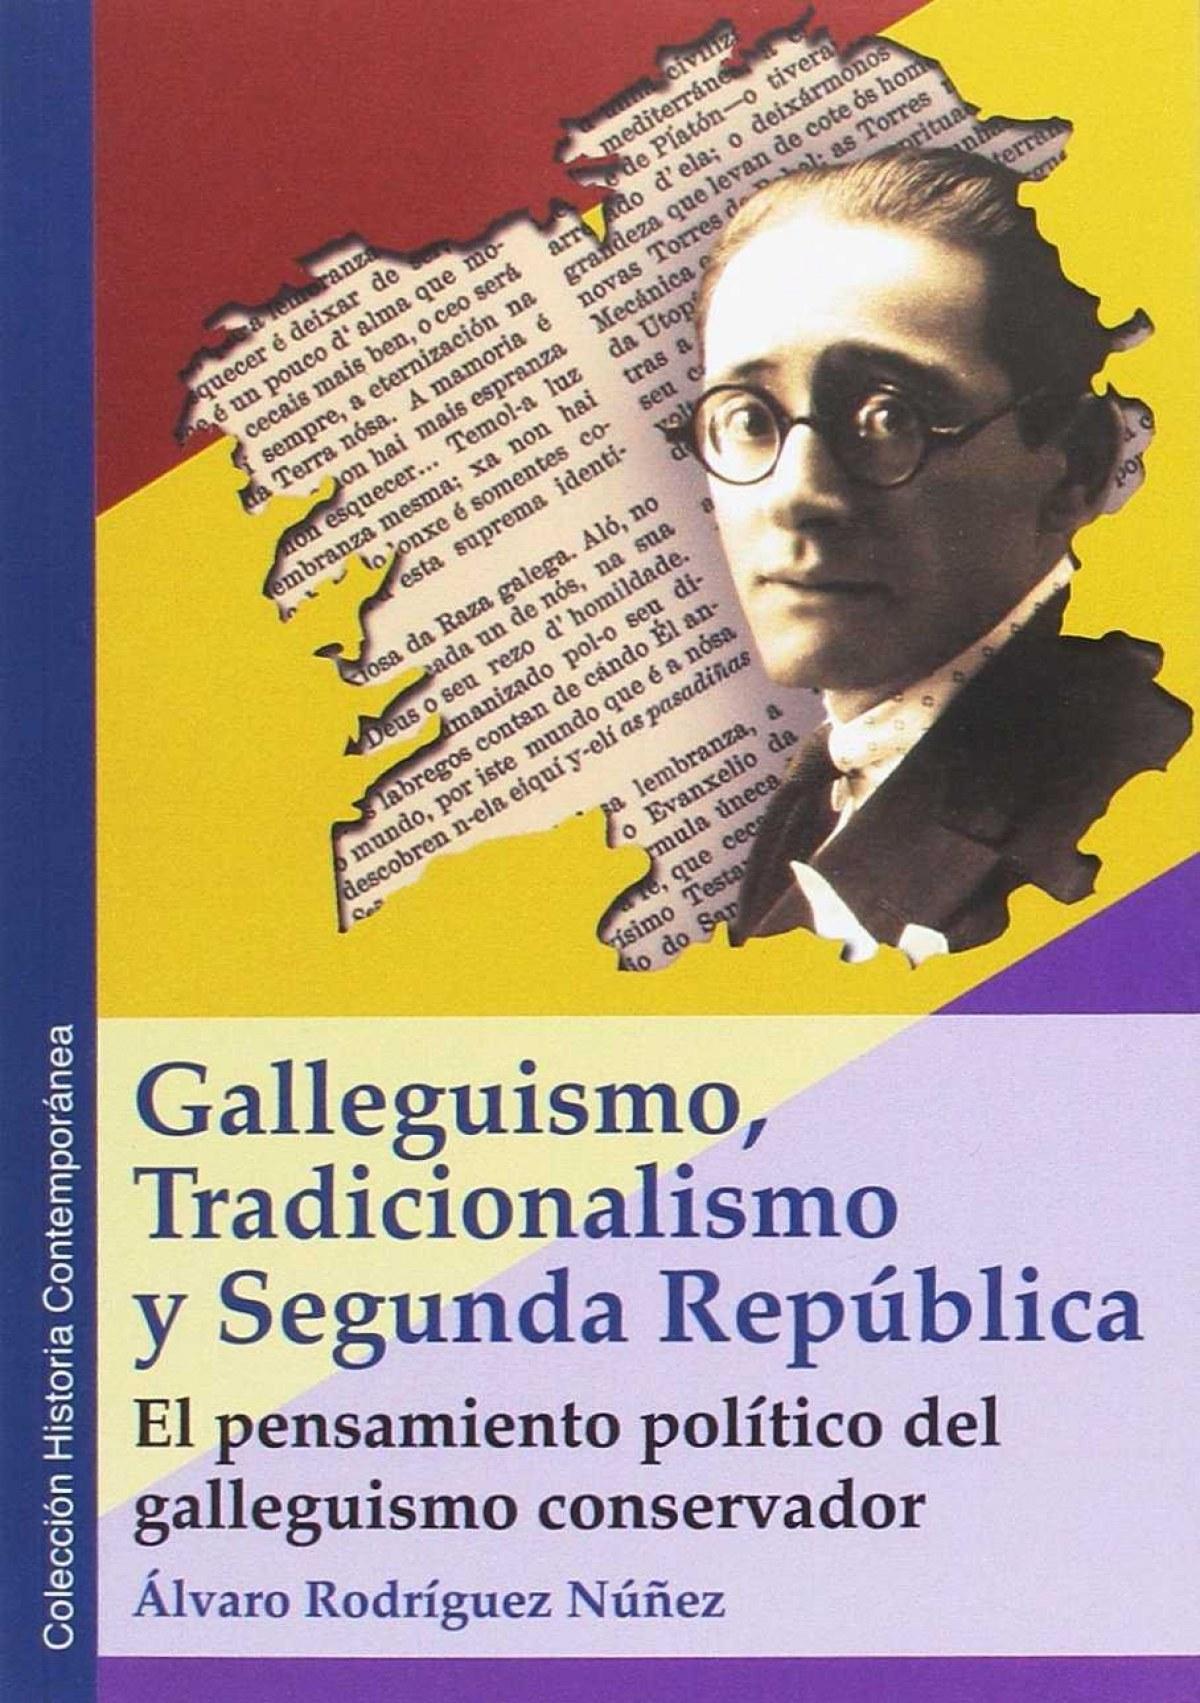 GALLEGUISMO, TRADICIONALISMO Y SEGUNDA REPÚBLICA 9788494612466